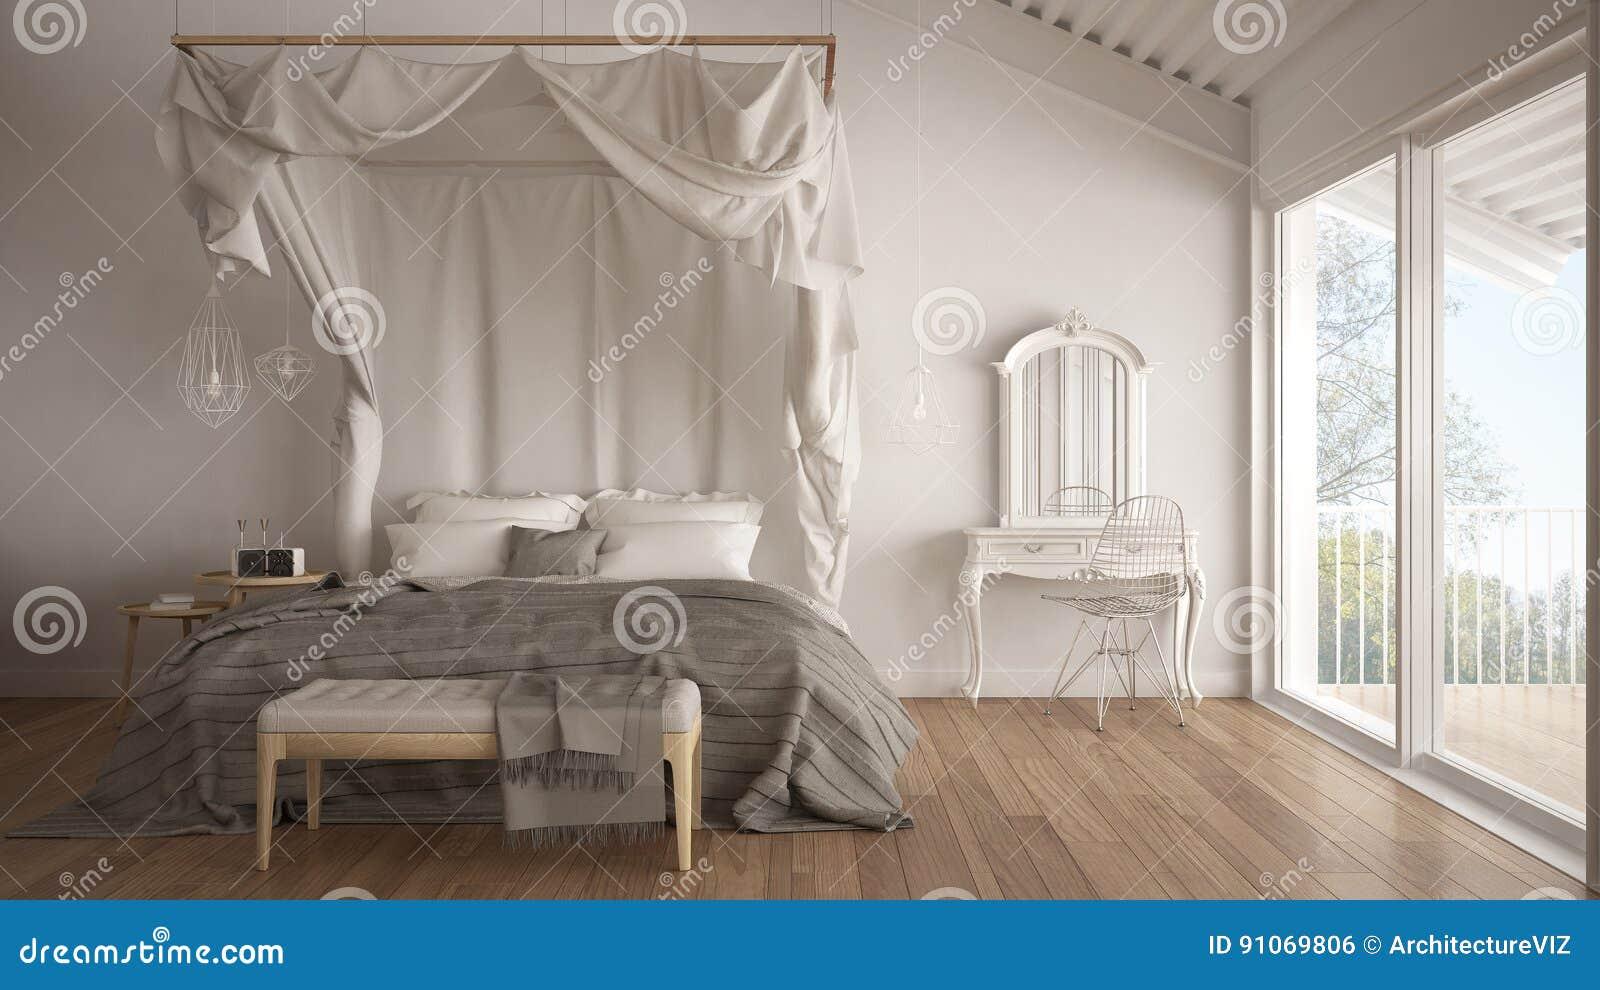 Download Himmelbett Im Minimalistic Weißen Schlafzimmer Mit Großem Fenster,  Scandi Stockfoto   Bild Von Kabinendach